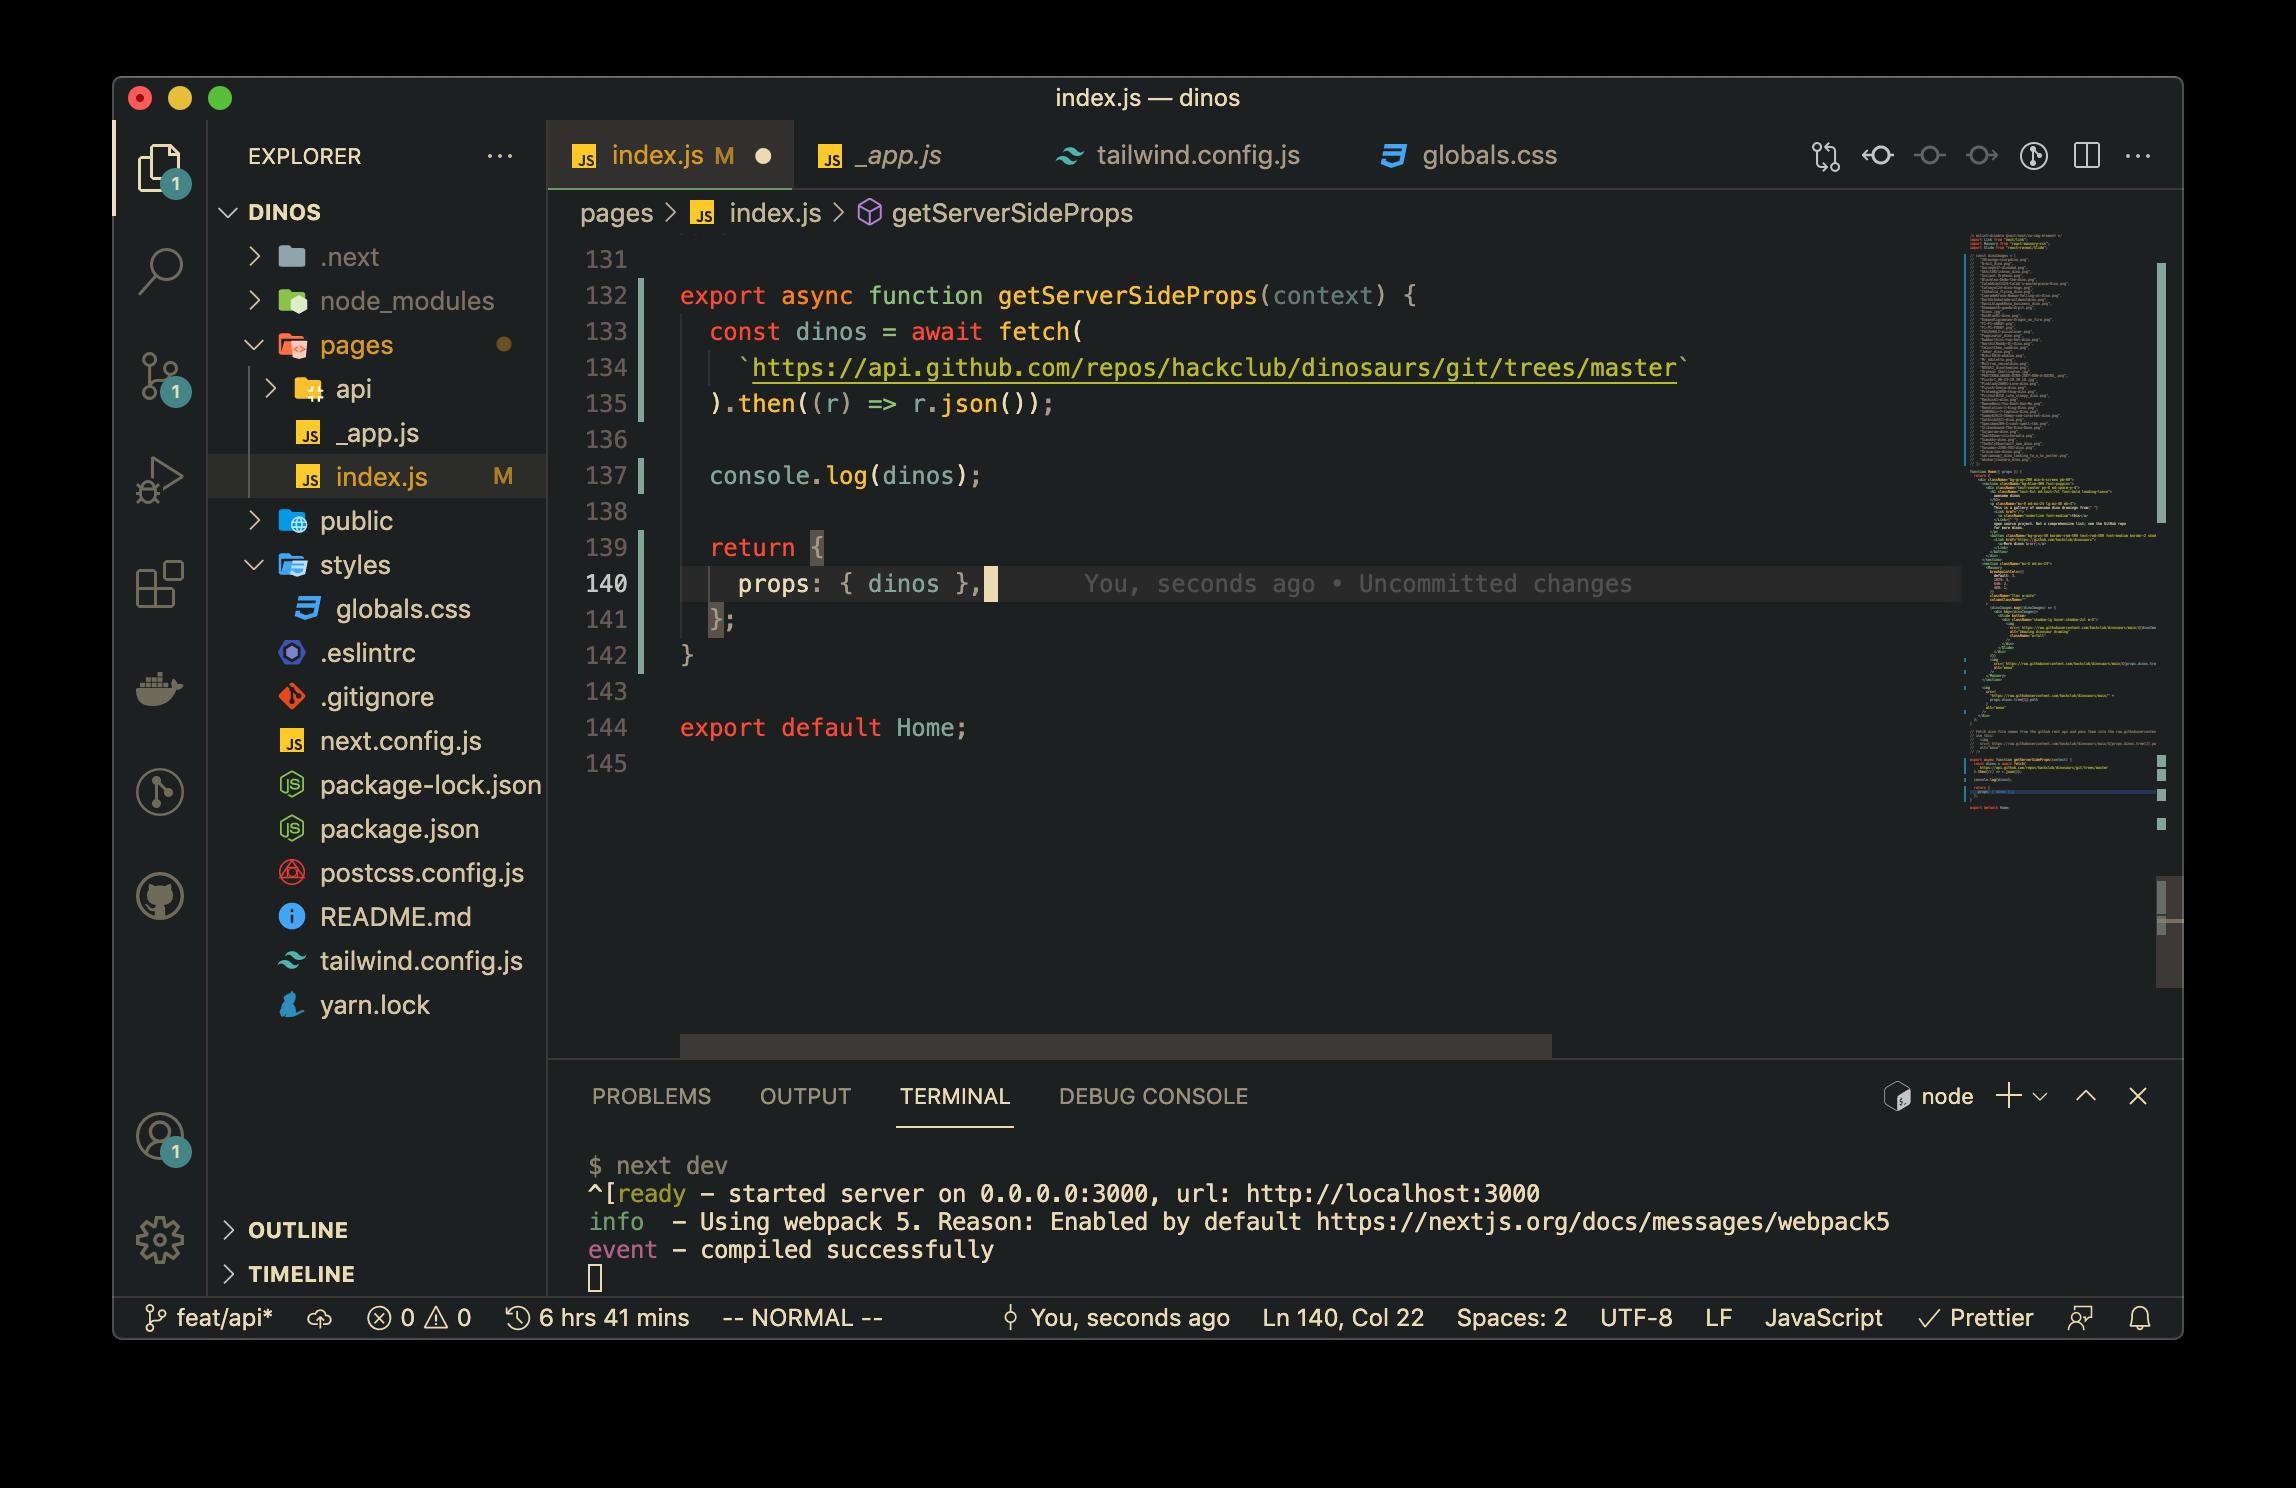 https://cloud-c1fhoh6c1-hack-club-bot.vercel.app/0screen_shot_2021-06-22_at_11.09.22_pm.png